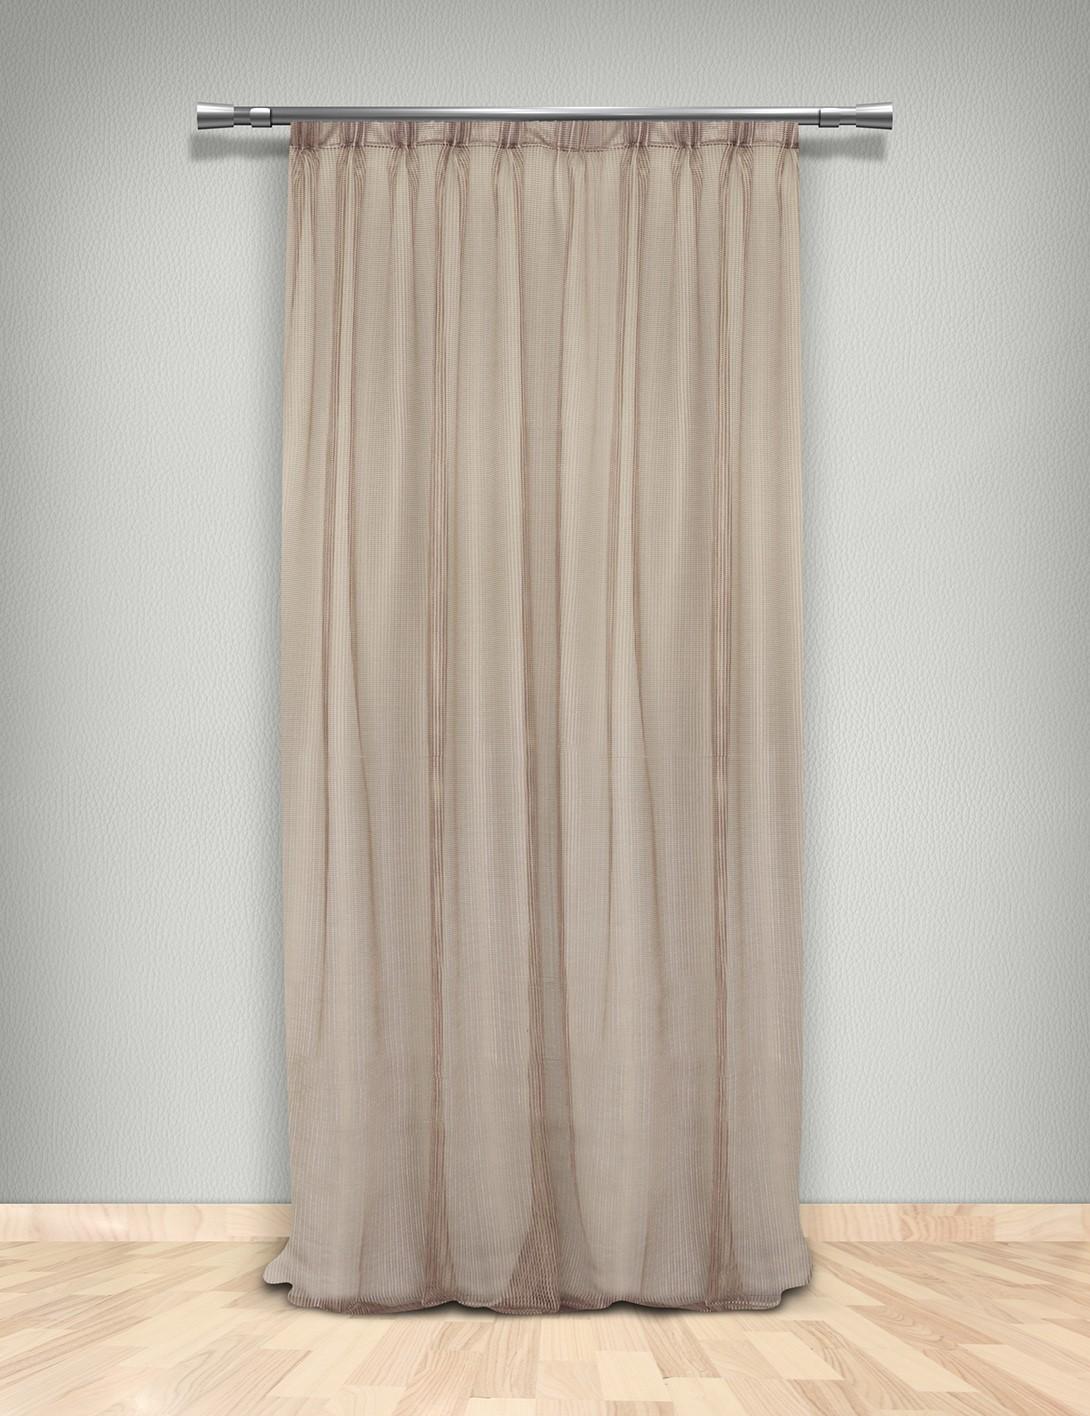 Κουρτίνα (145x300) Δίχτυ Maison Blanche 7026311501